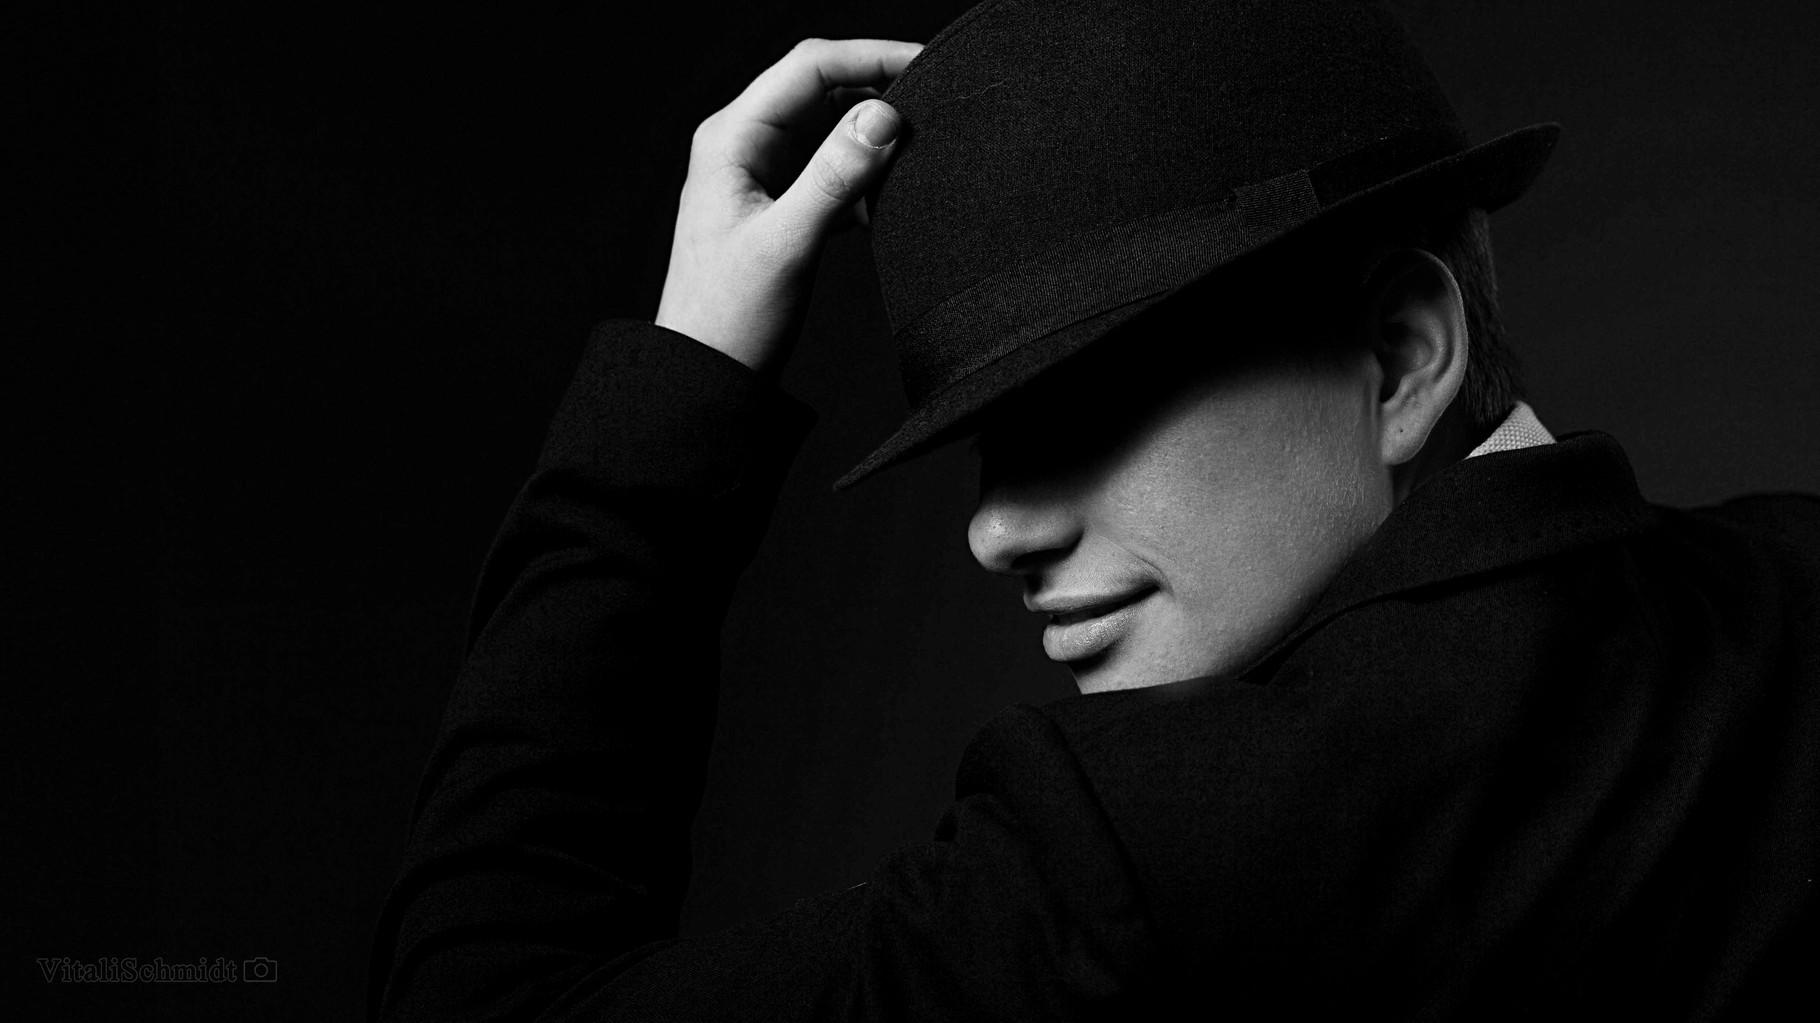 Schwarz Weiß Portrait im mobilem Photostudio